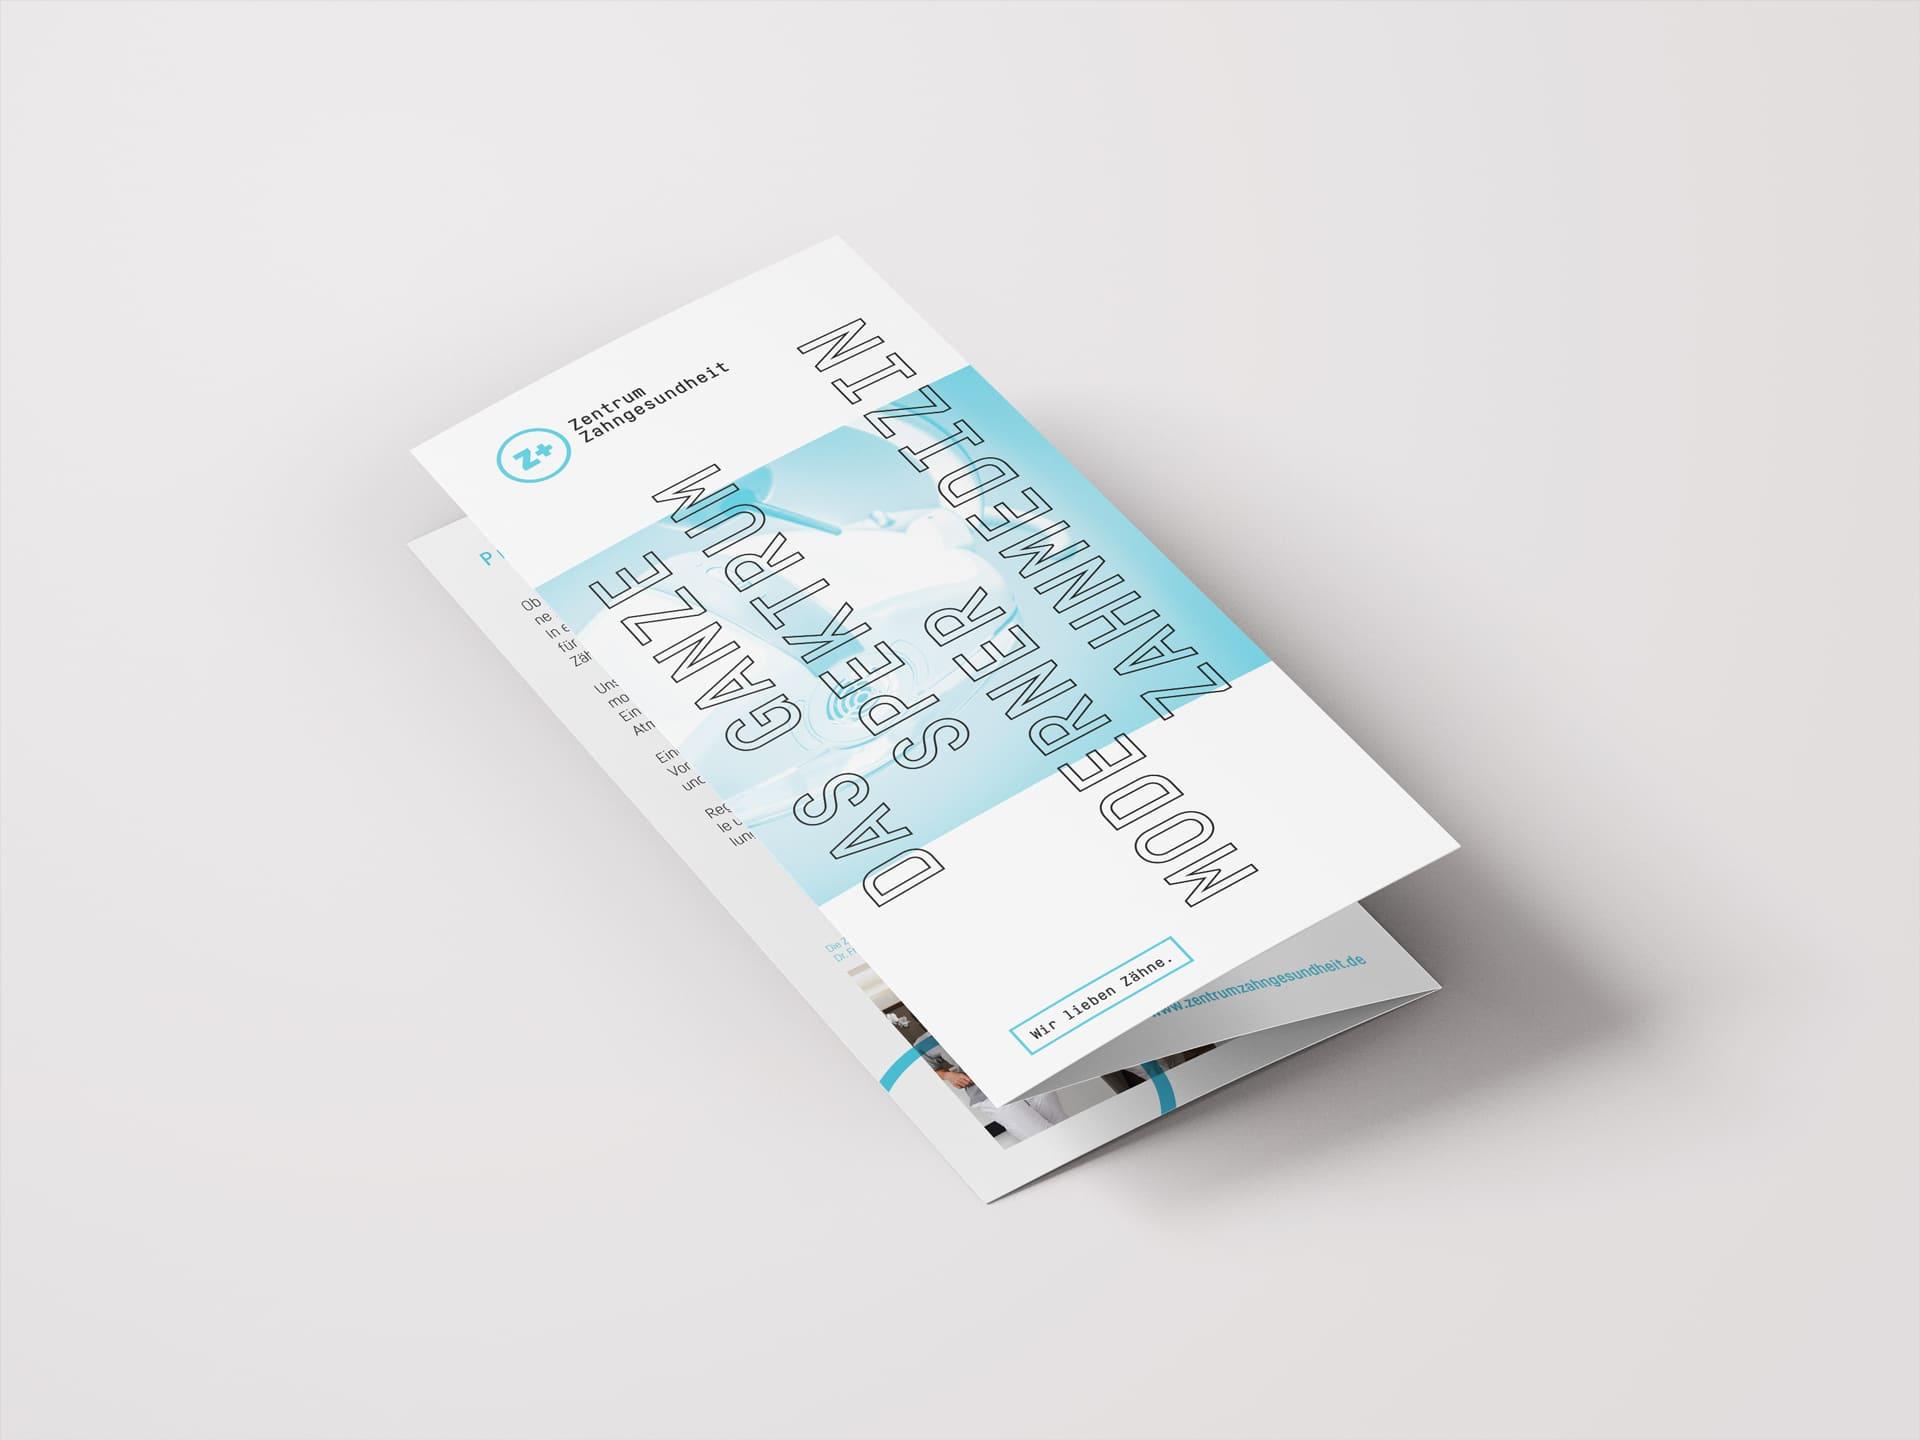 Titel Folder Design Zentrum Zahngesundheit